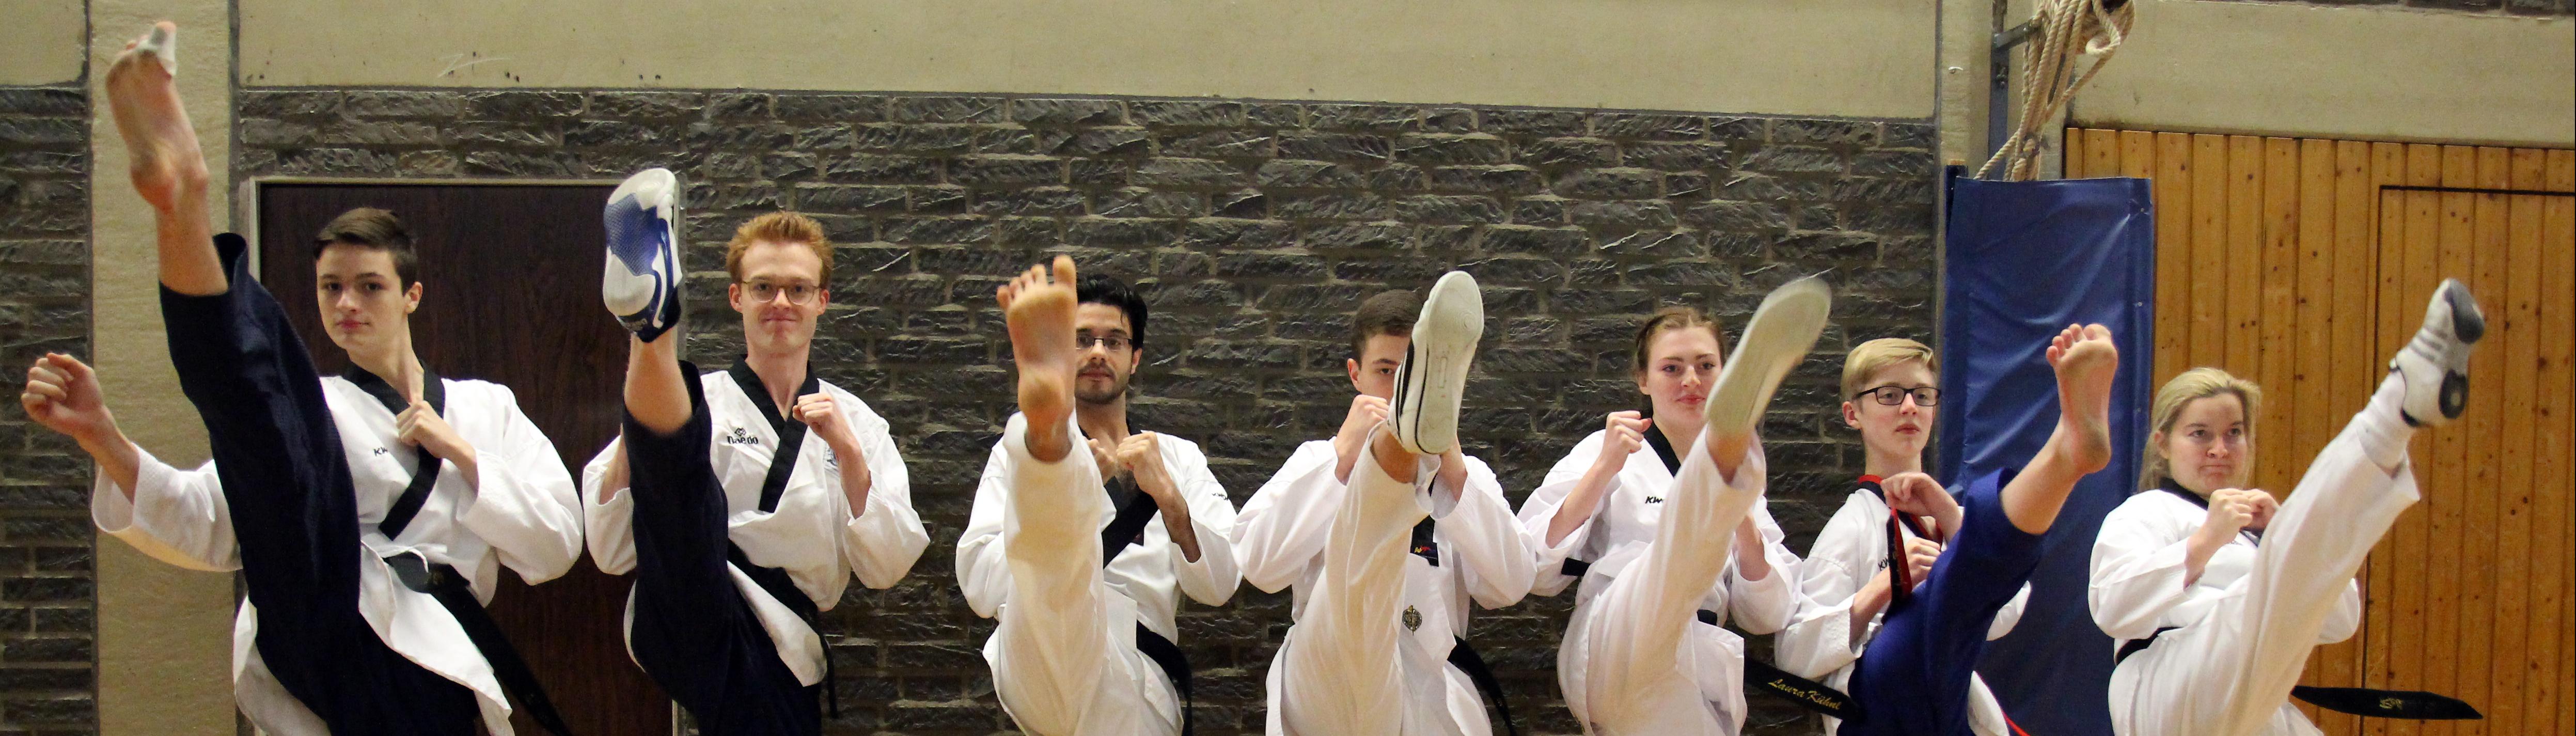 Taekwondo Kerpen | Das SSK-Taekwondo-Team